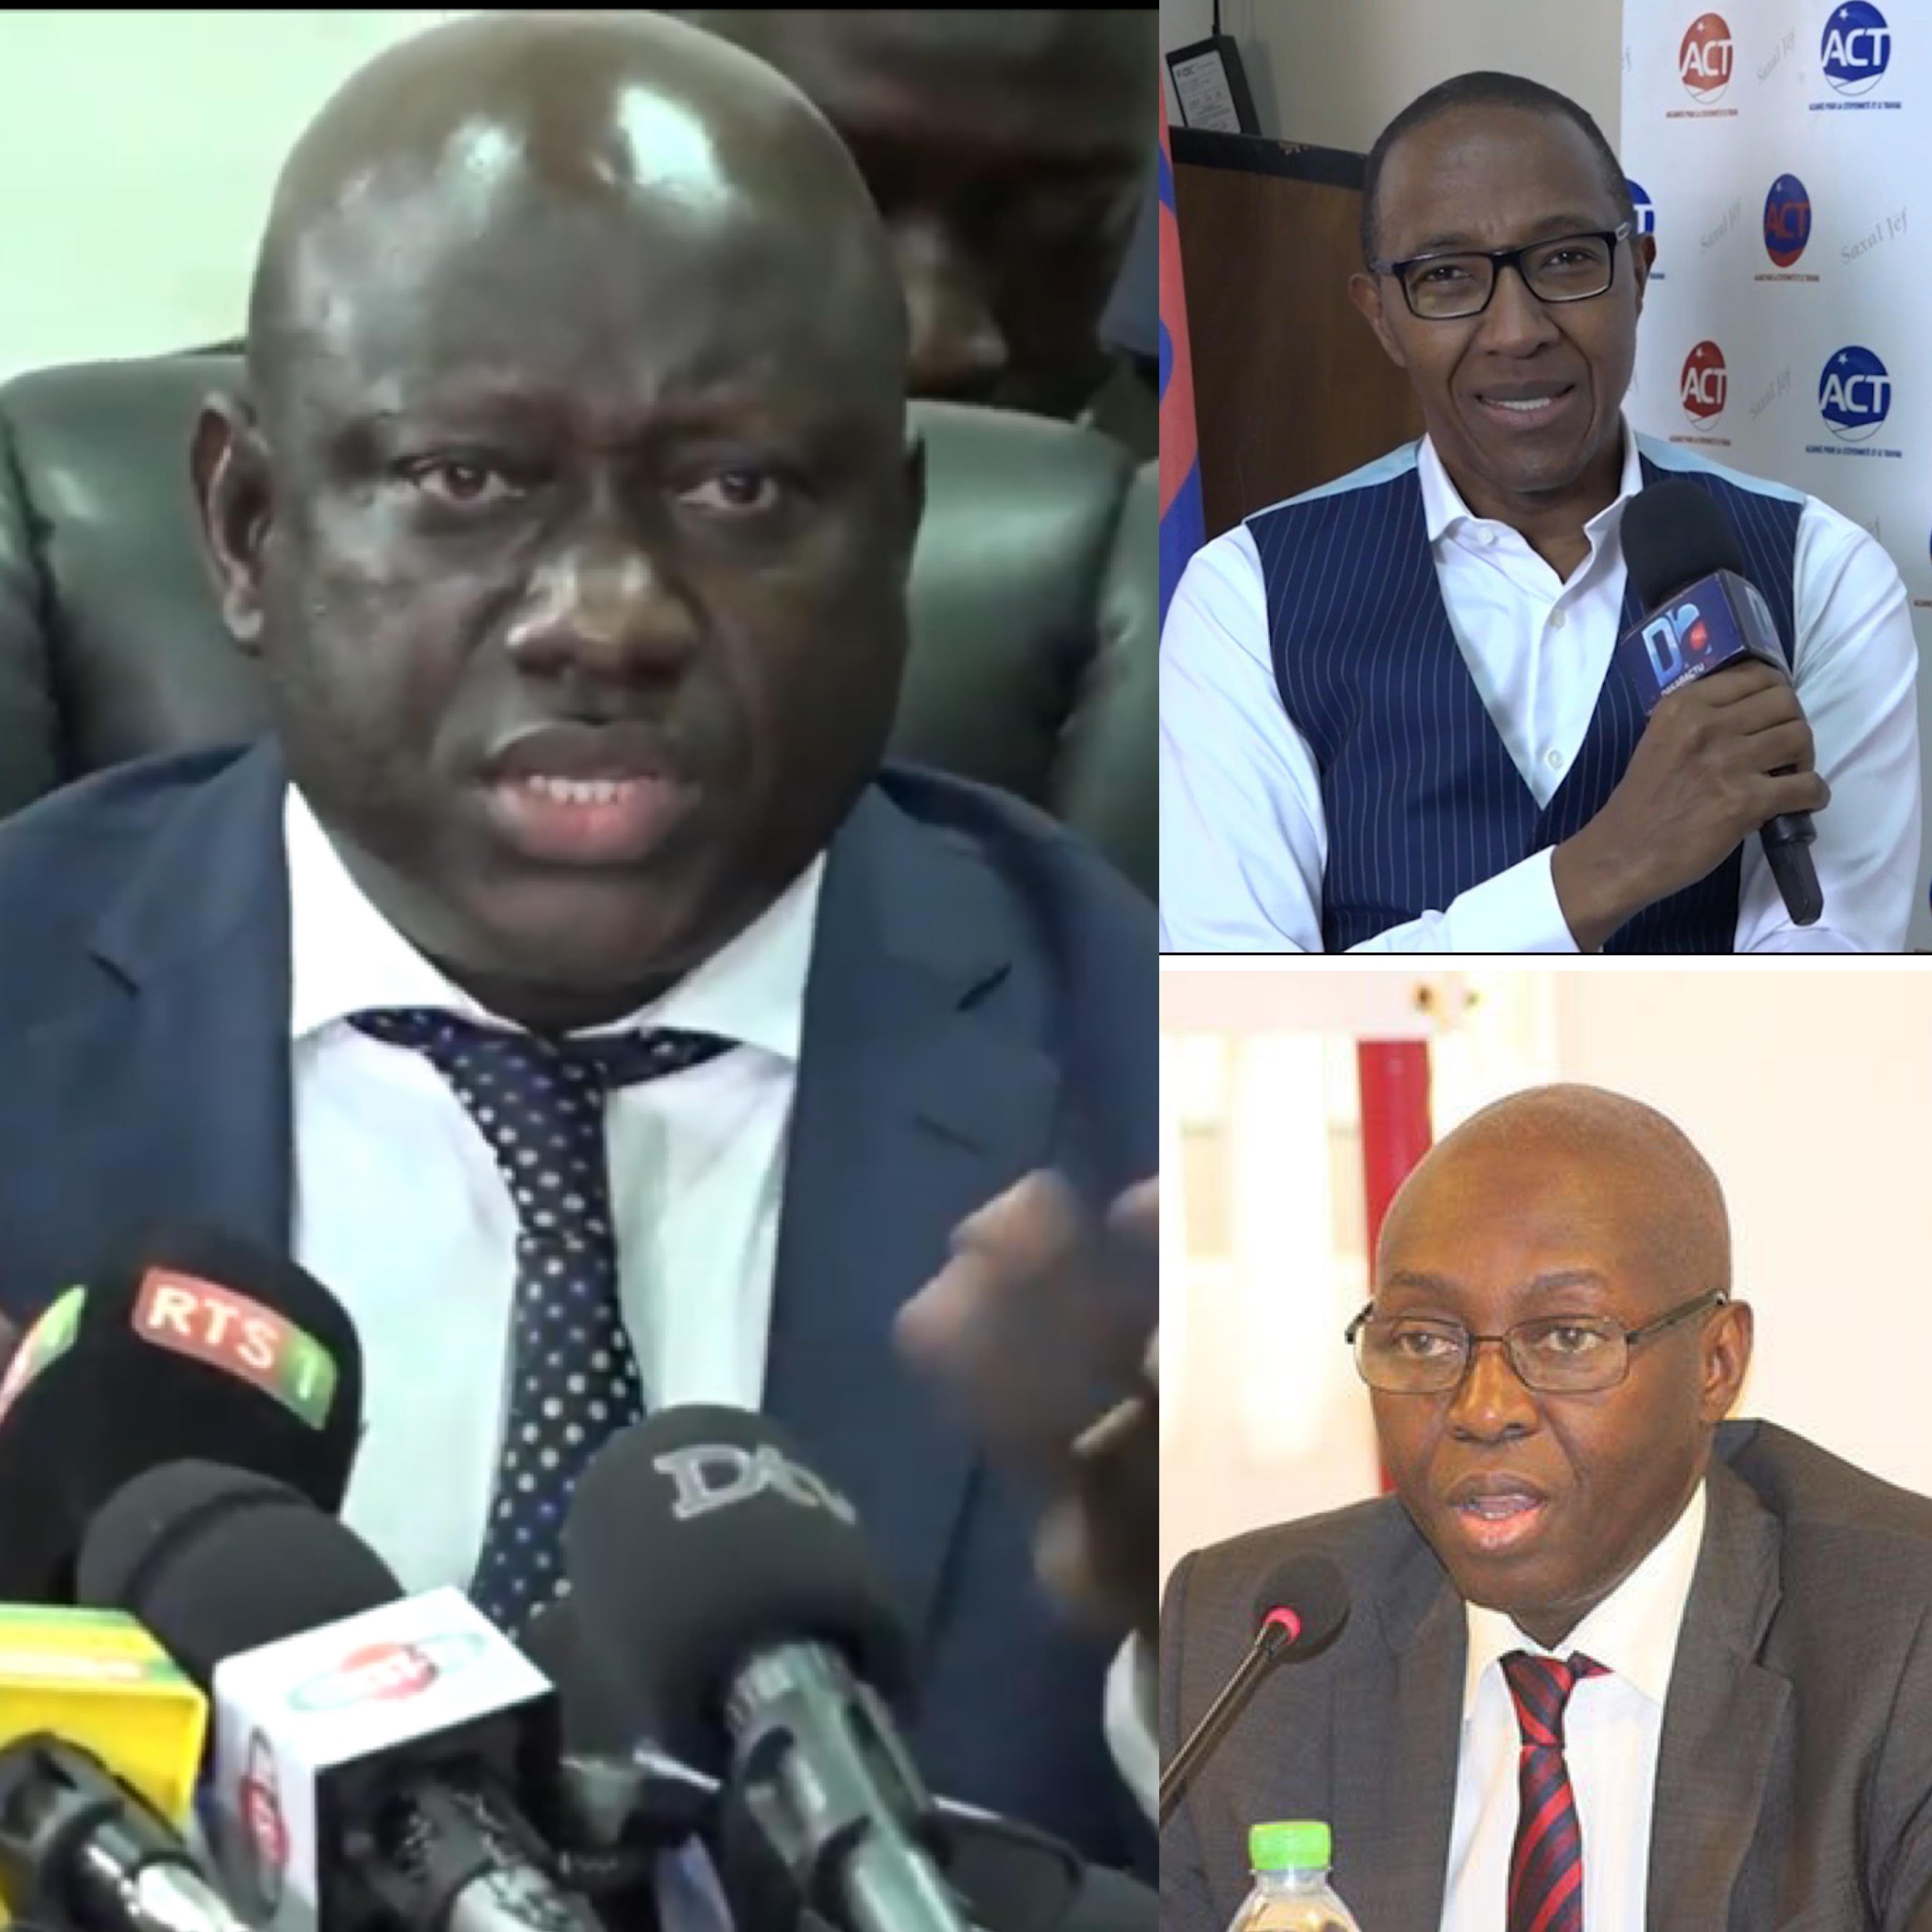 """Serigne Bassirou Guèye rassure Abdoul Mbaye et Mamadou Lamine Diallo : """"On n'a pas en perspective des arrestations ou de l'intimidation..."""""""